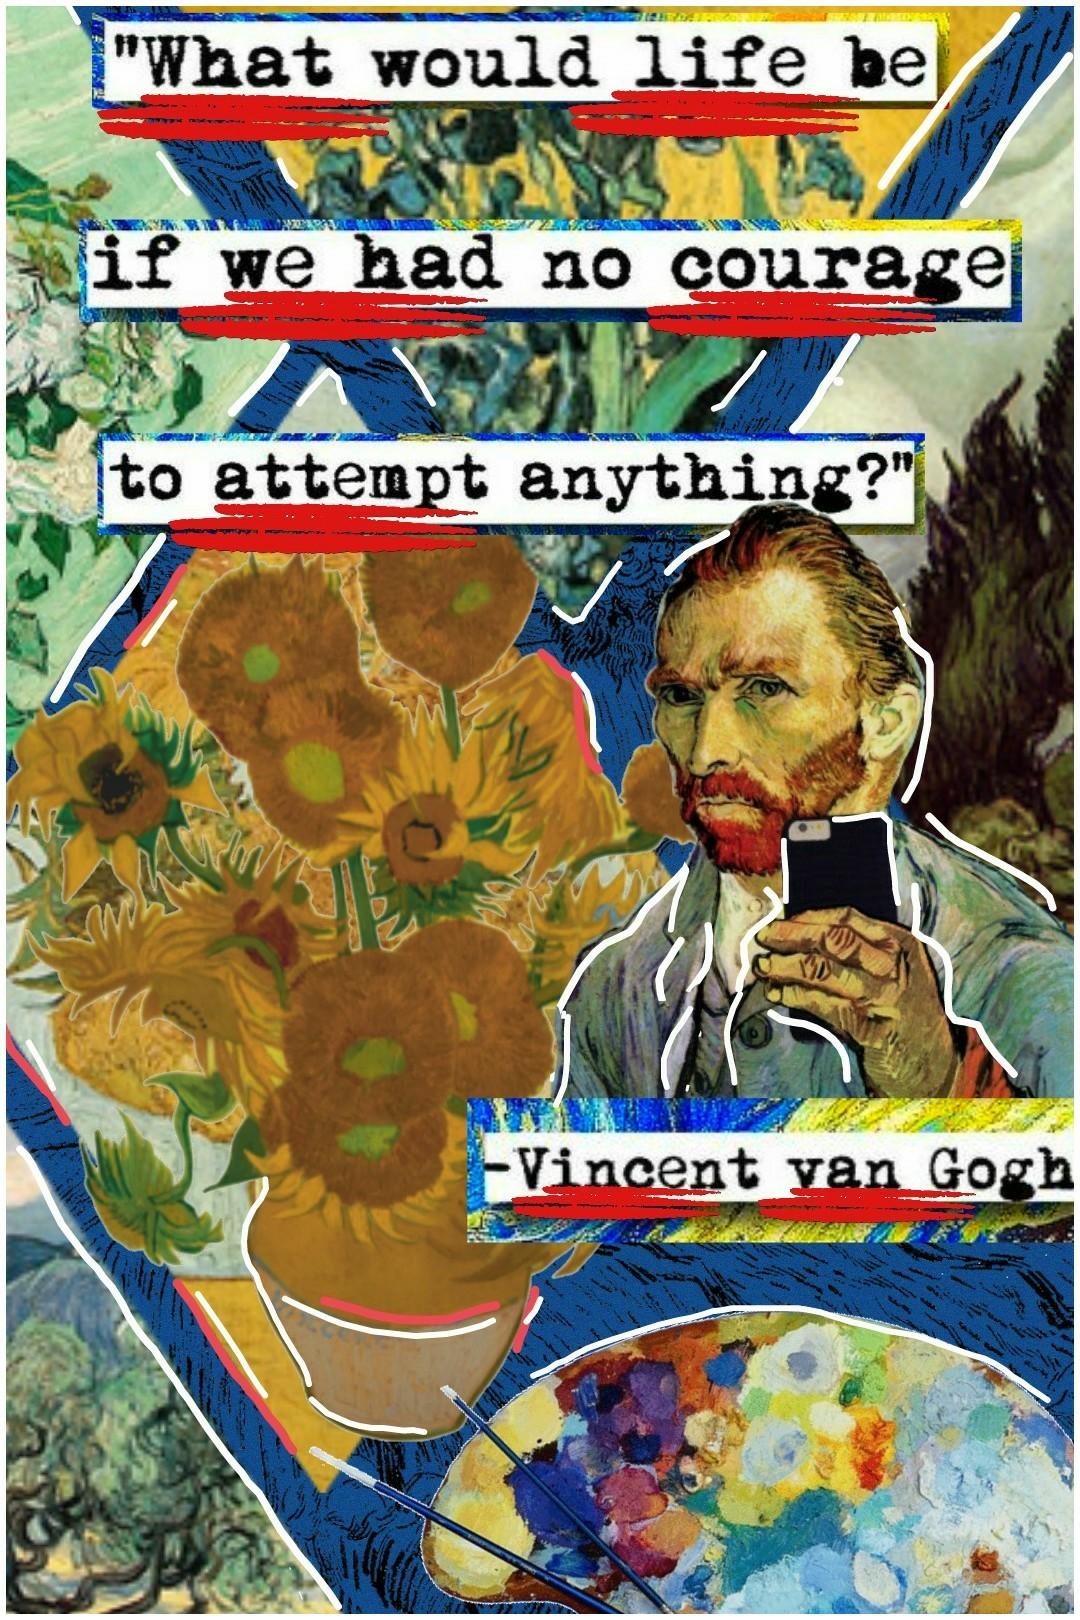 talented Vincent Van Gogh